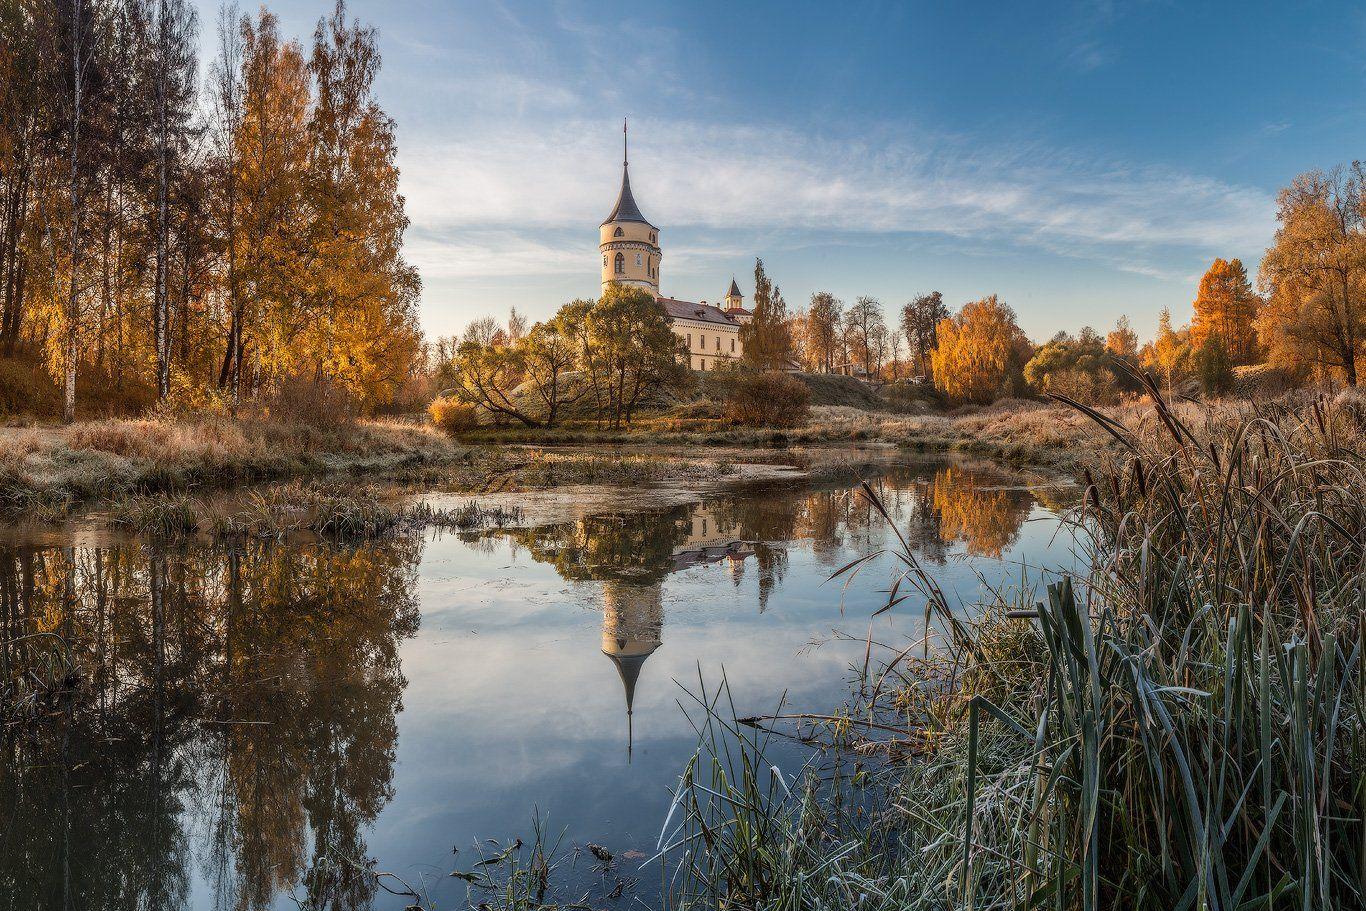 Бип, Мариенталь, Осень, Павловск, Рассвет, Россия, Славянка, Тызва, Илья Штром